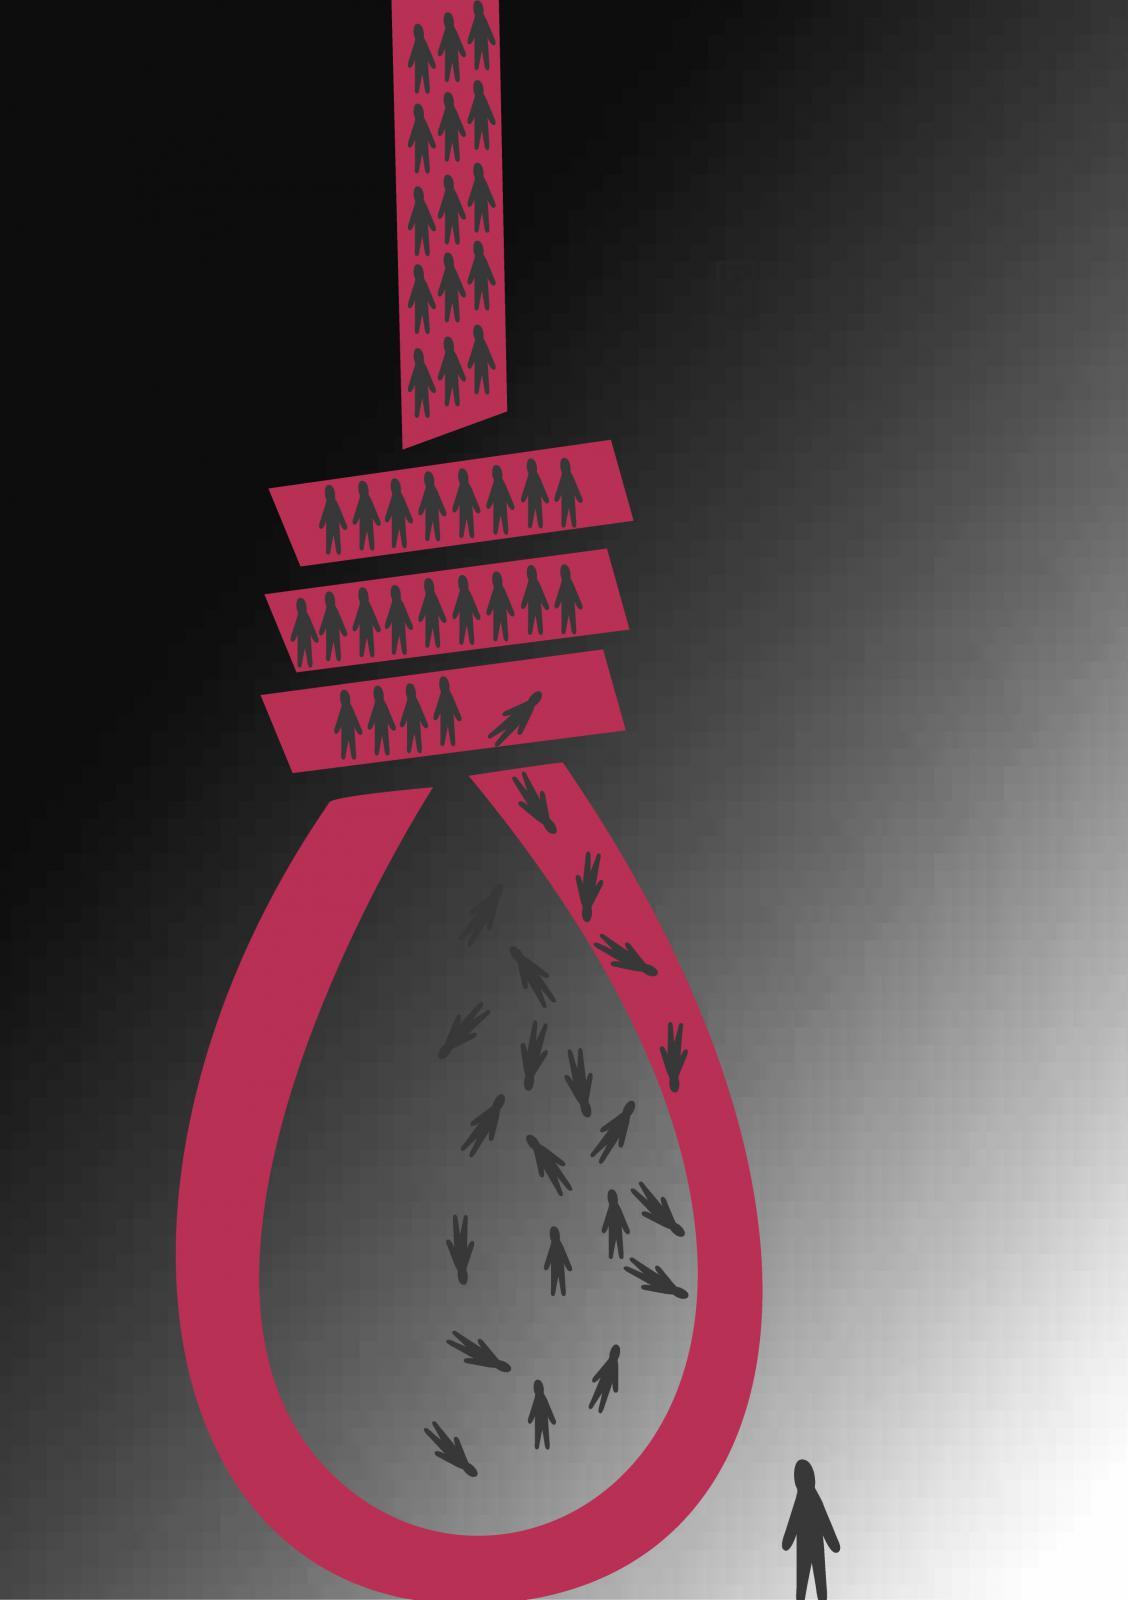 10 mýtů o trestu smrti